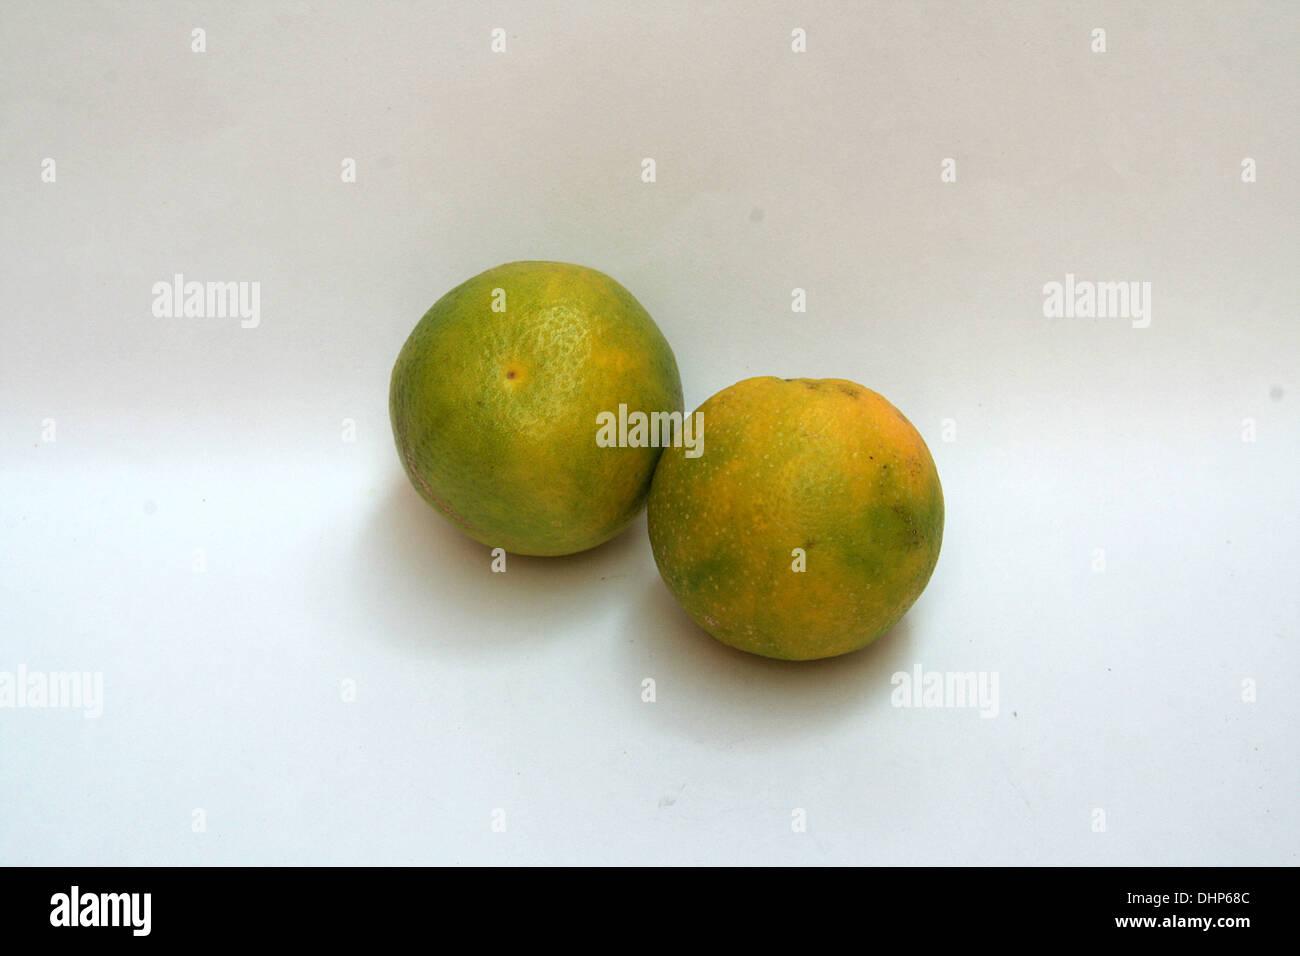 Gelblich grünen süßen Zitrusfrüchten isoliert auf weißem Hintergrund Stockbild